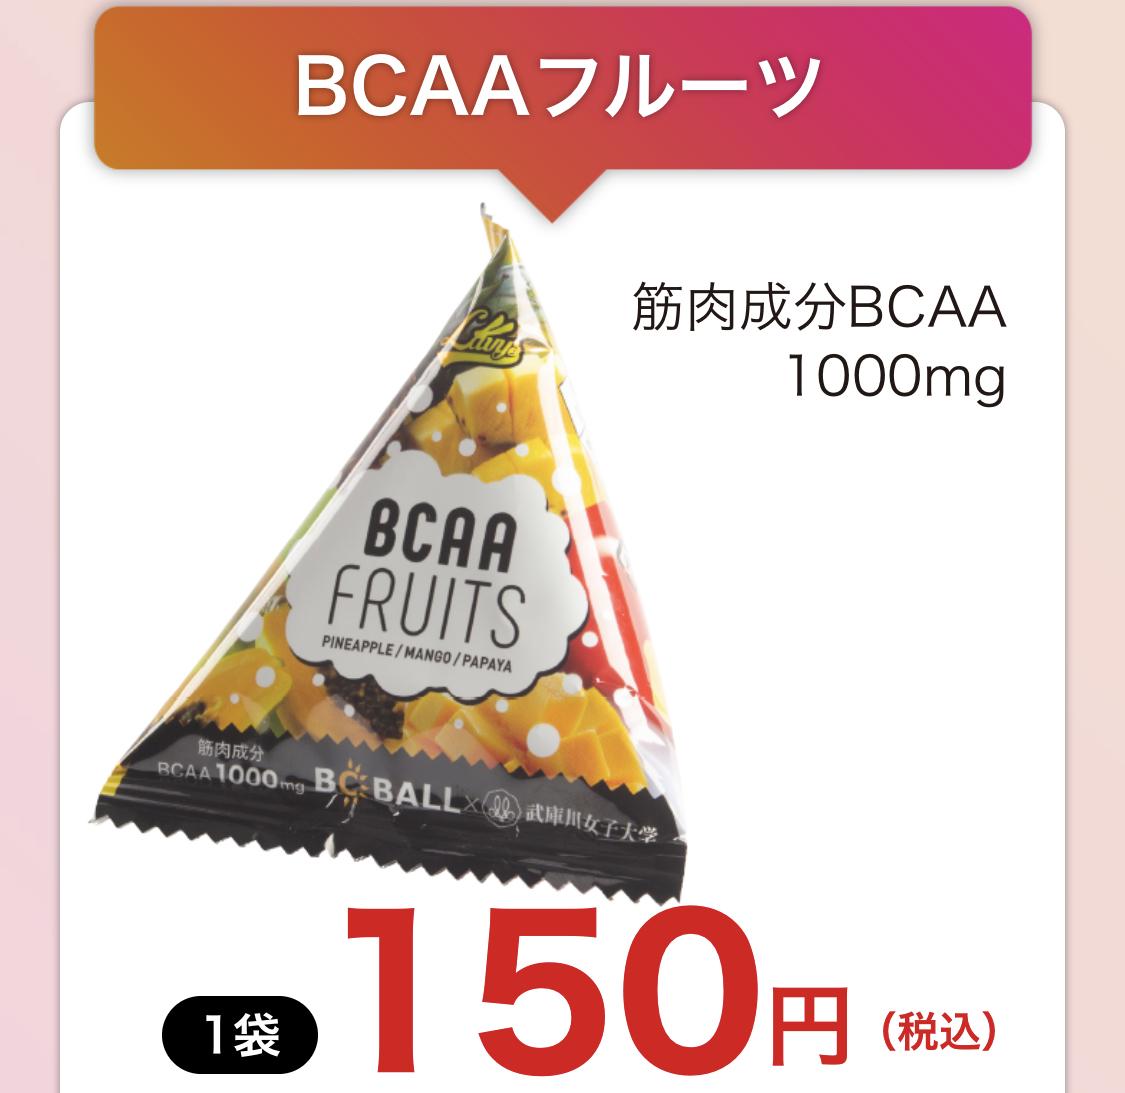 【BCBALL】BCAAフルーツ5袋セット